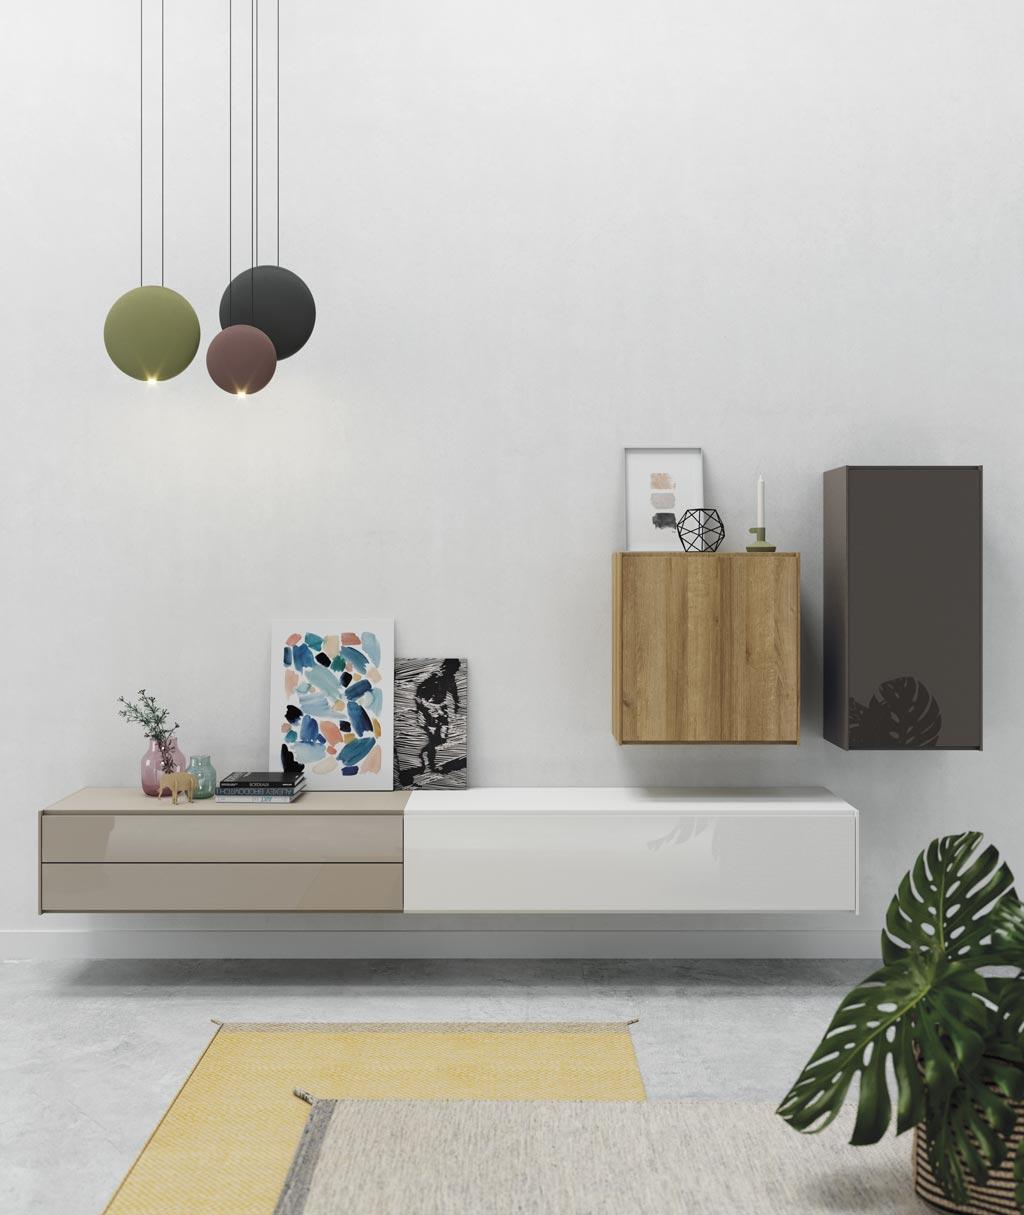 Fotografía de la composición de salón colgada en la pared